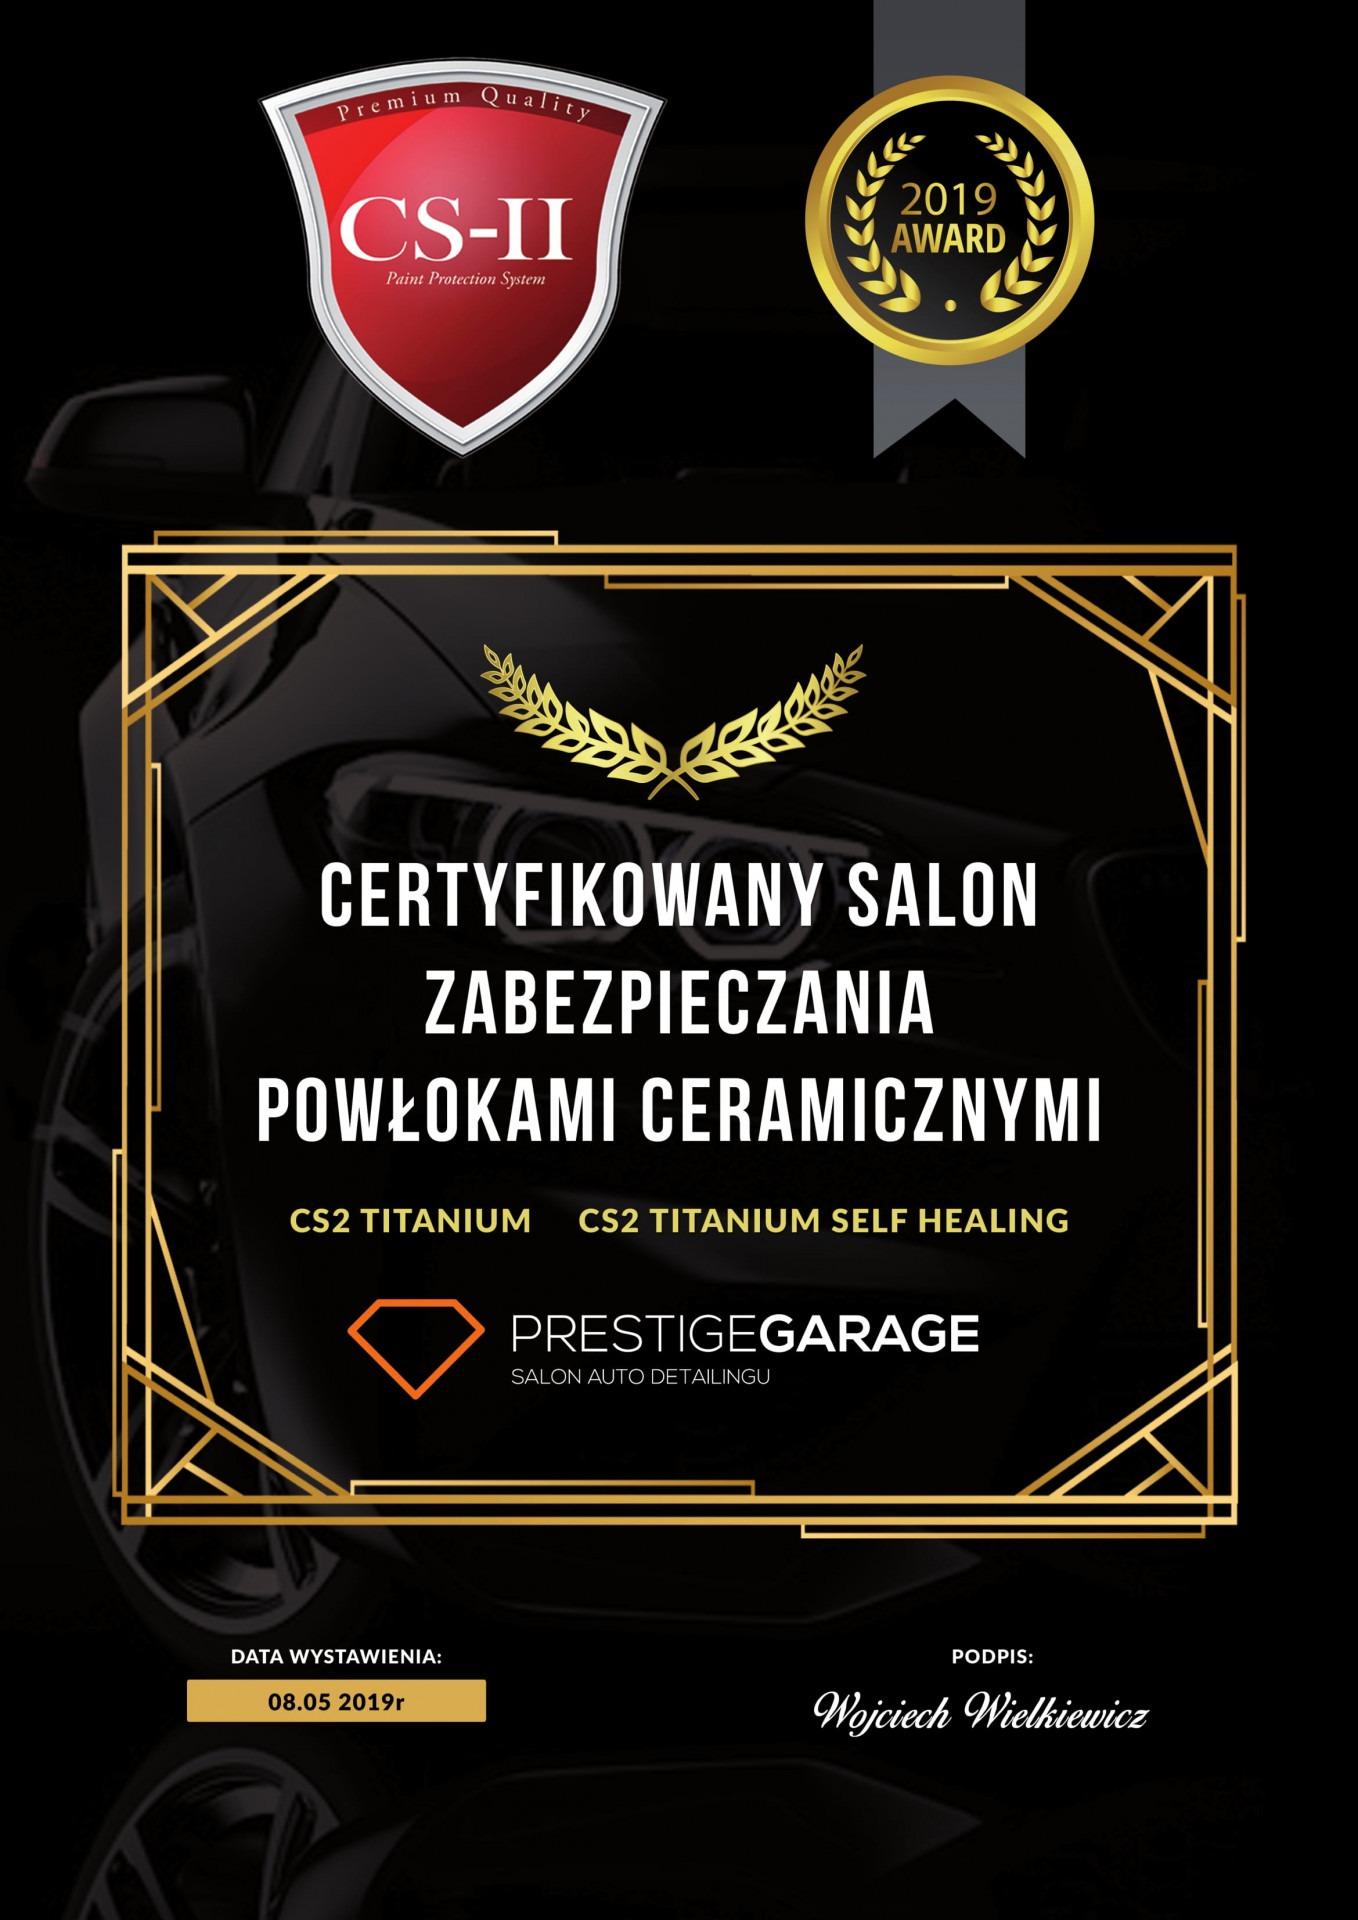 Prestige Garage